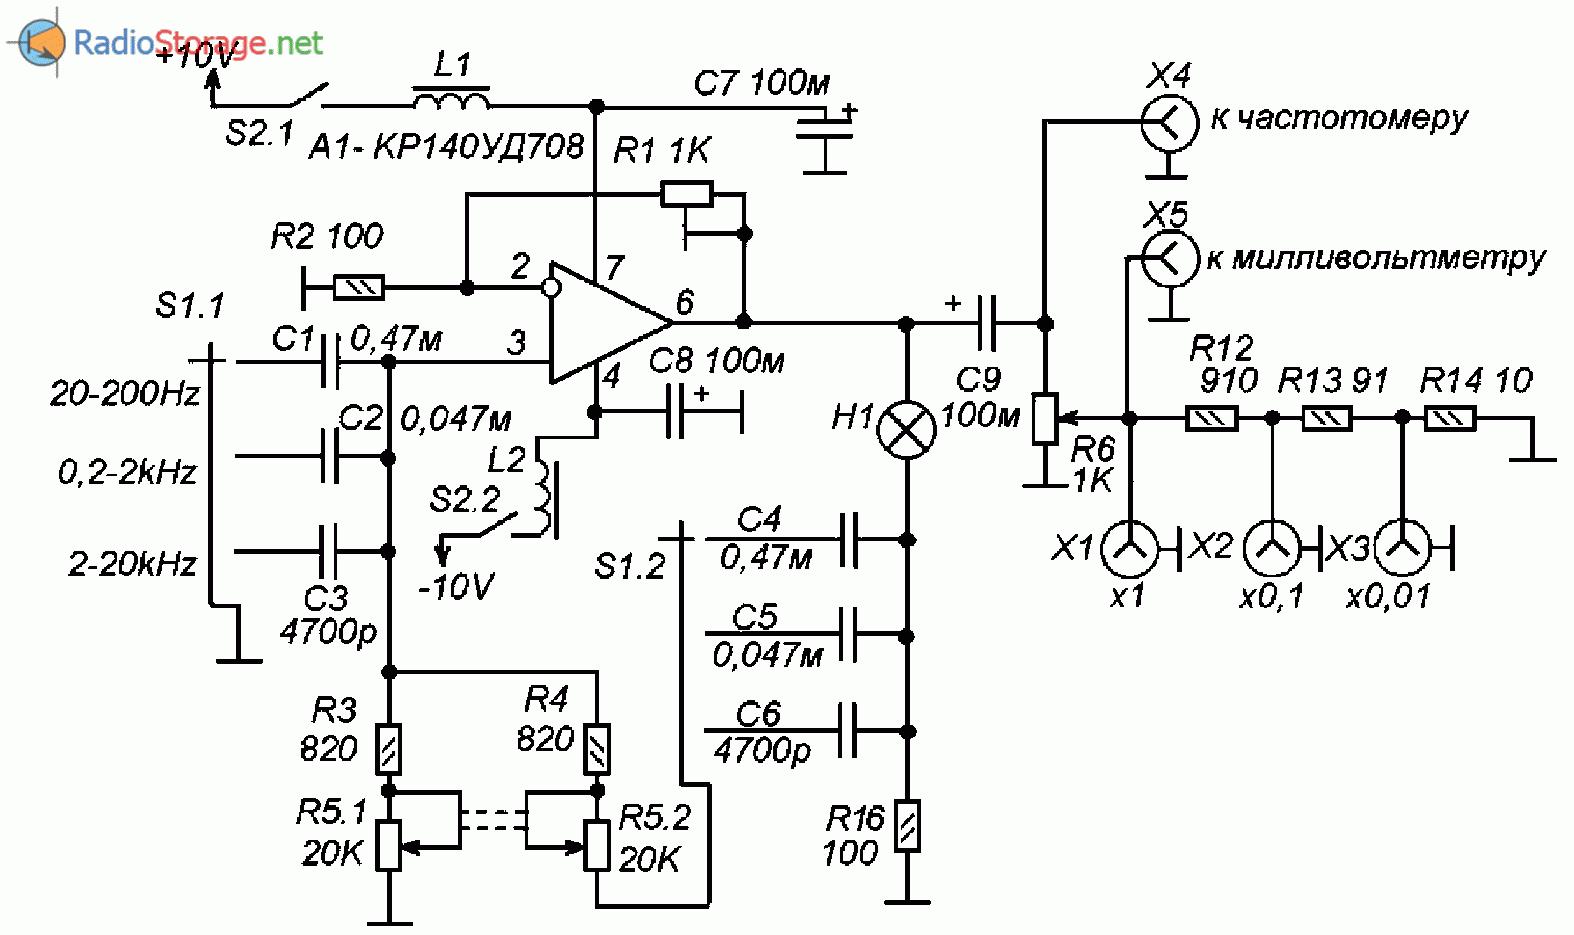 Схема простого звукового генератора фото 333